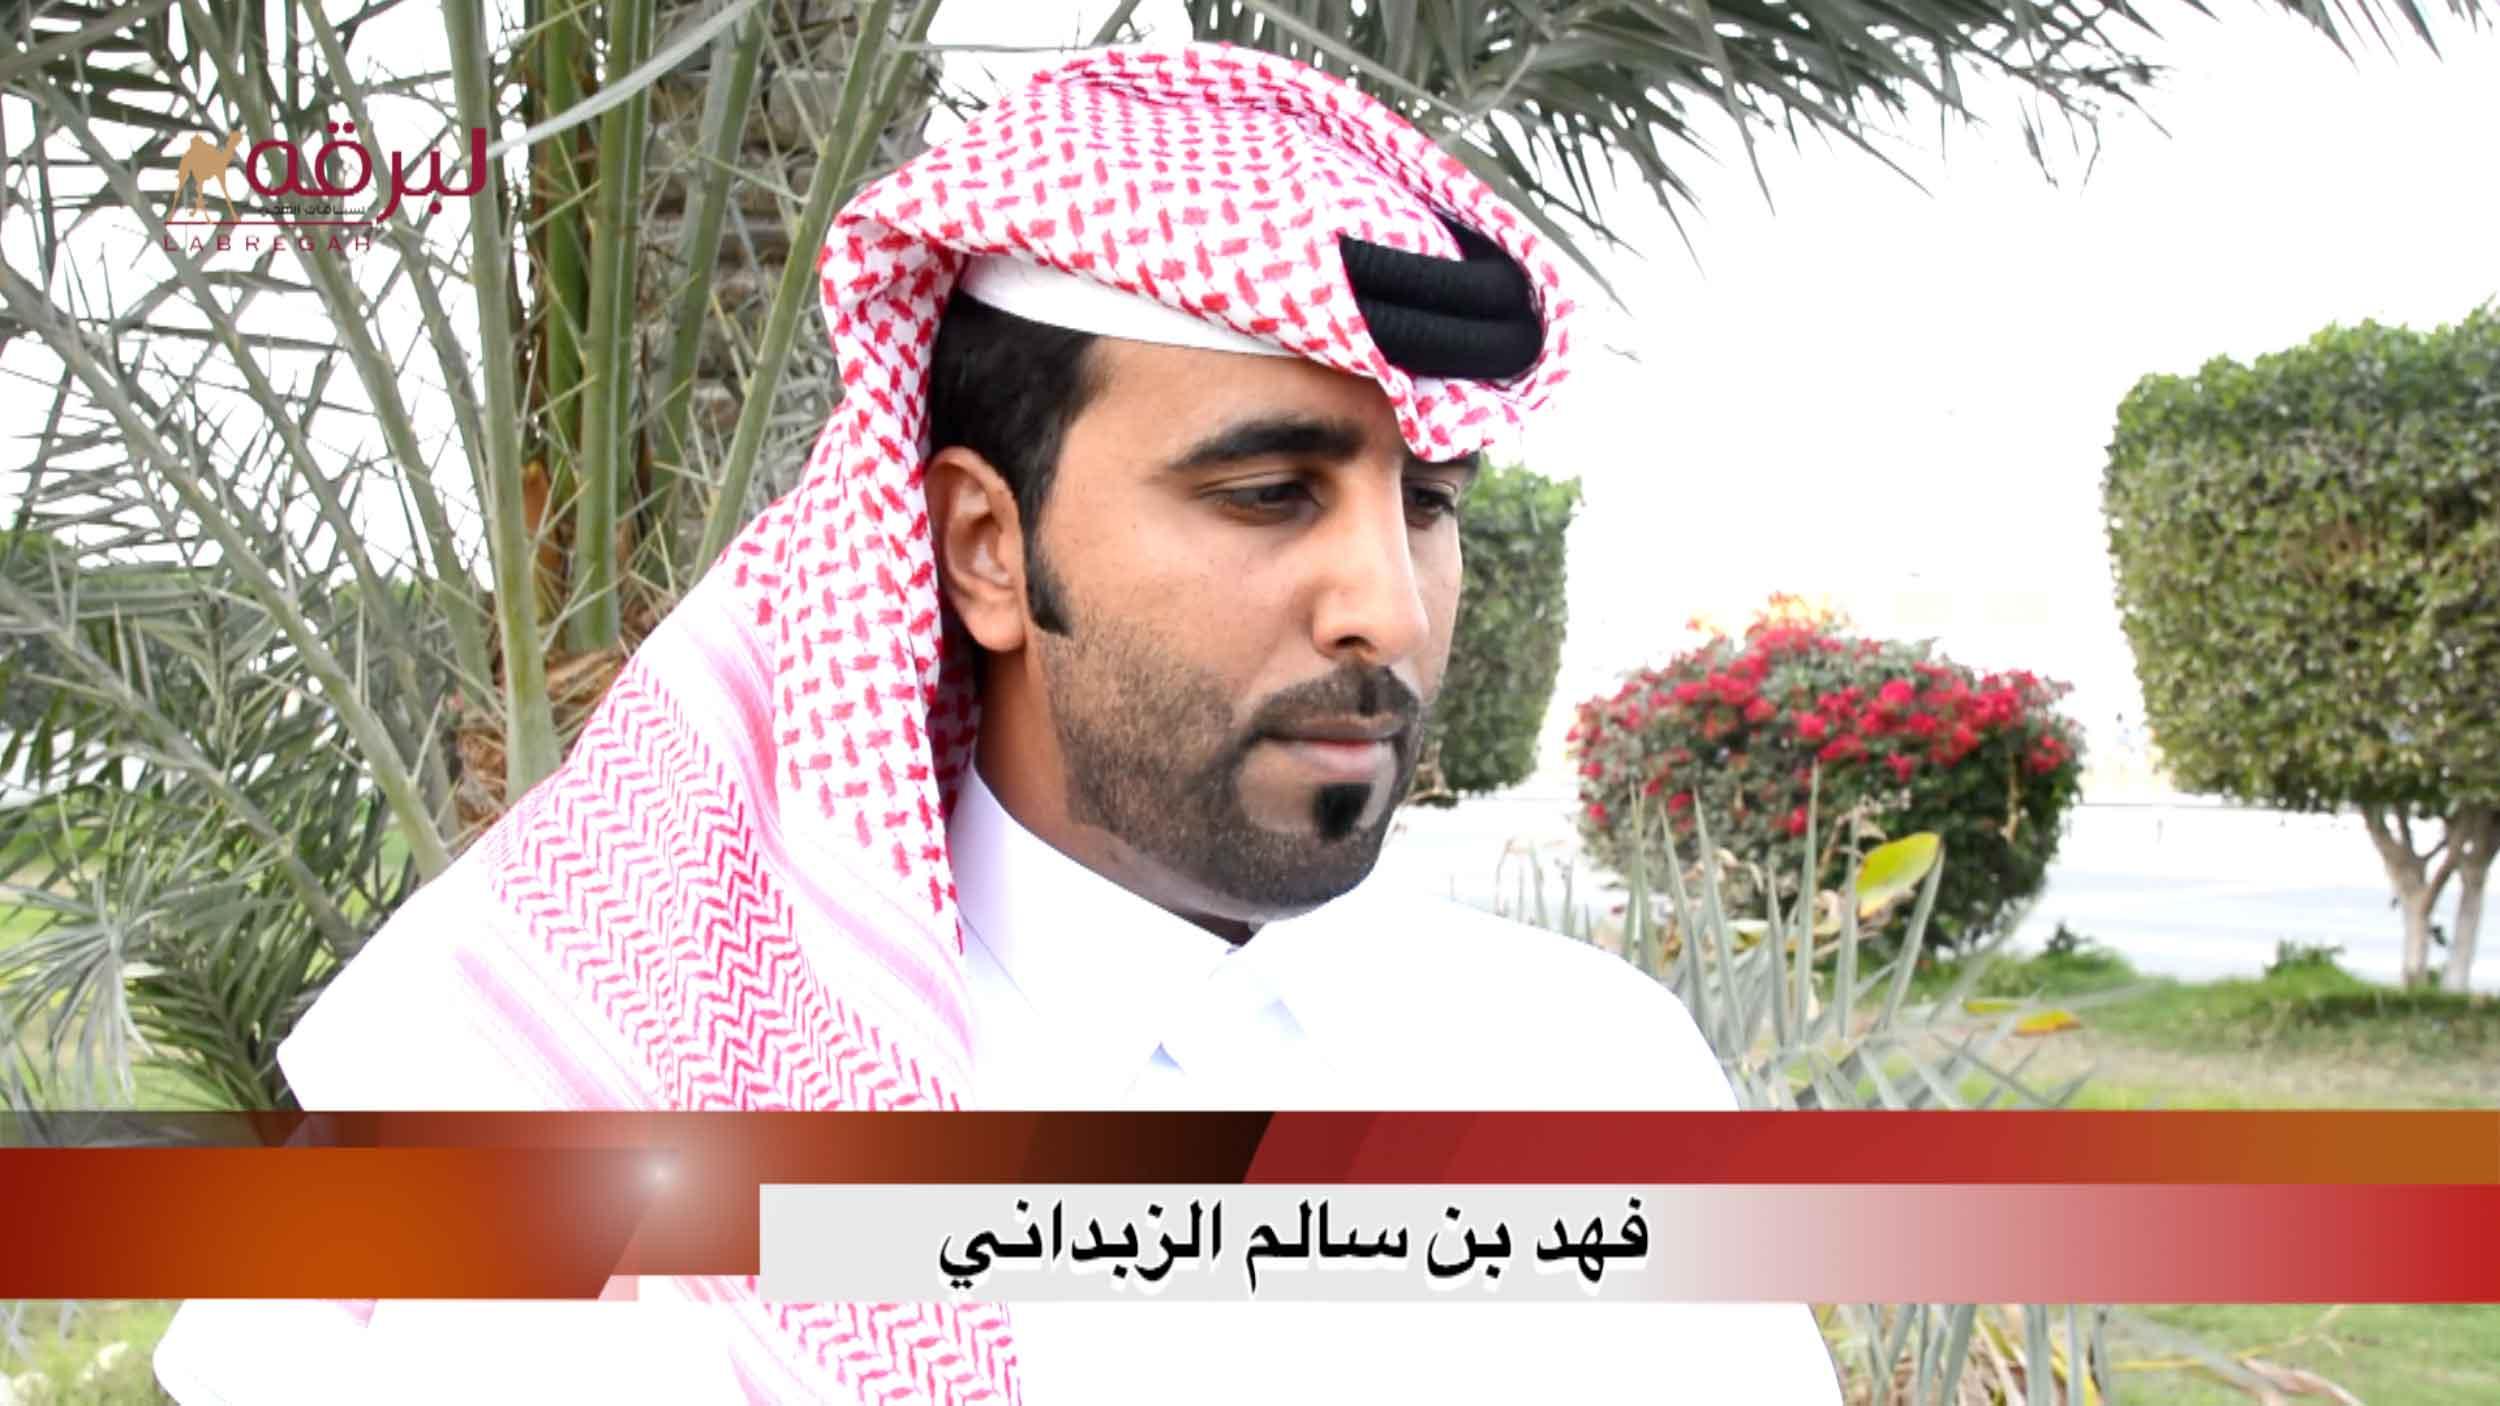 لقاء مع فهد بن سالم الزبداني.. الشوط الرئيسي حقايق قعدان « مفتوح » الأشواط العامة  ٢٥-٢-٢٠٢١